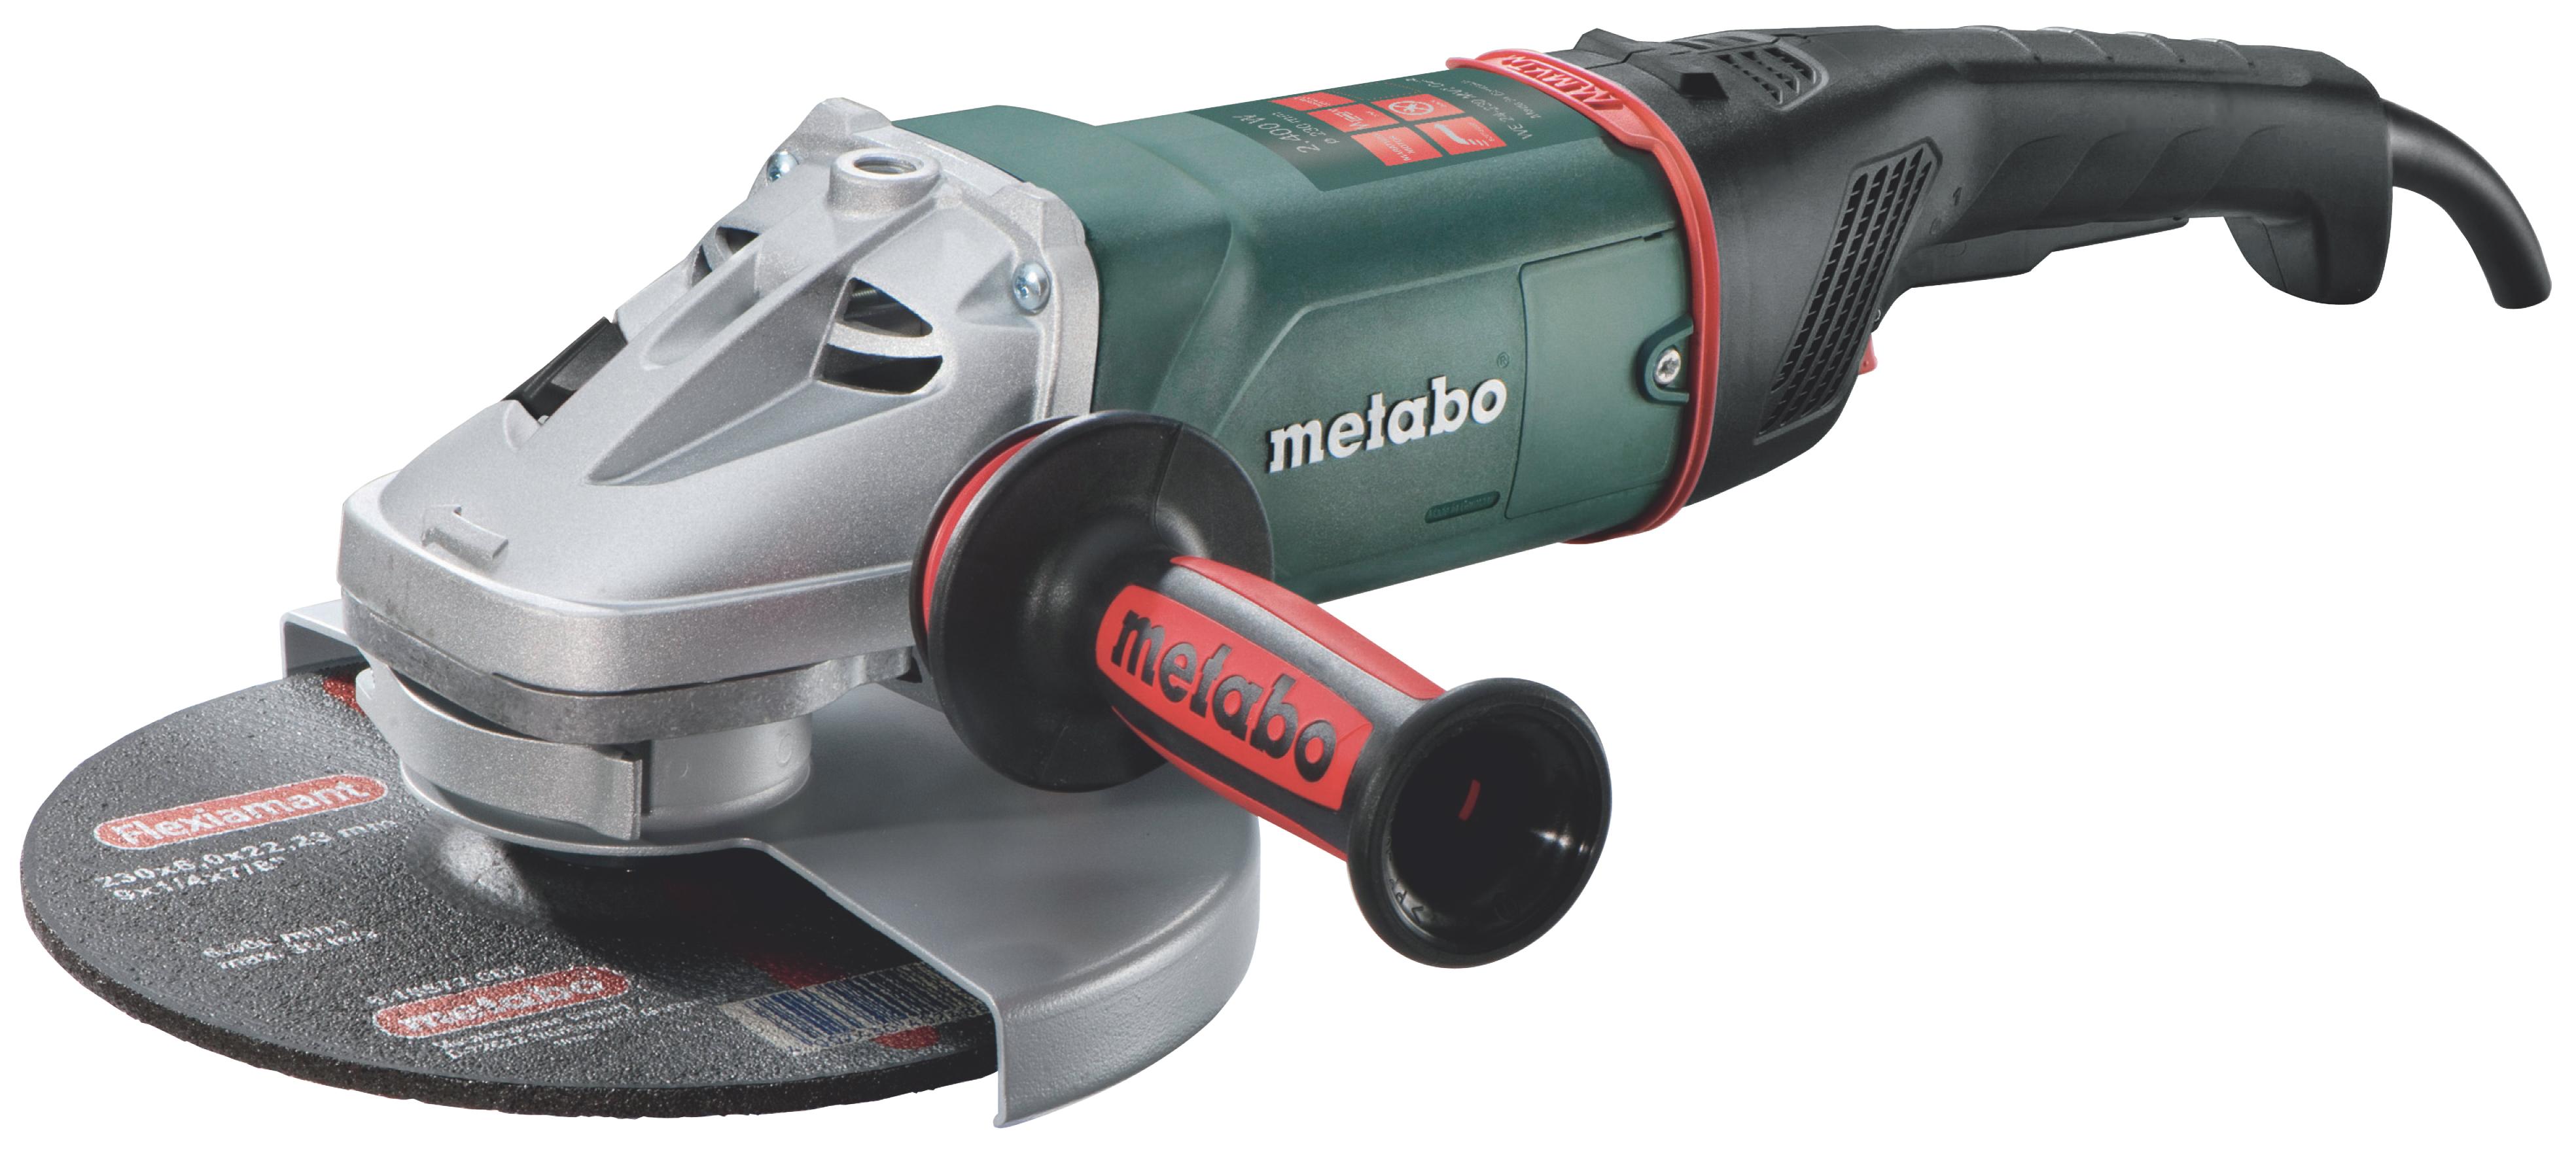 Углошлифмашина Metabo WE 24-230 MVT Quick  ушм metabo we 22 230 mvt